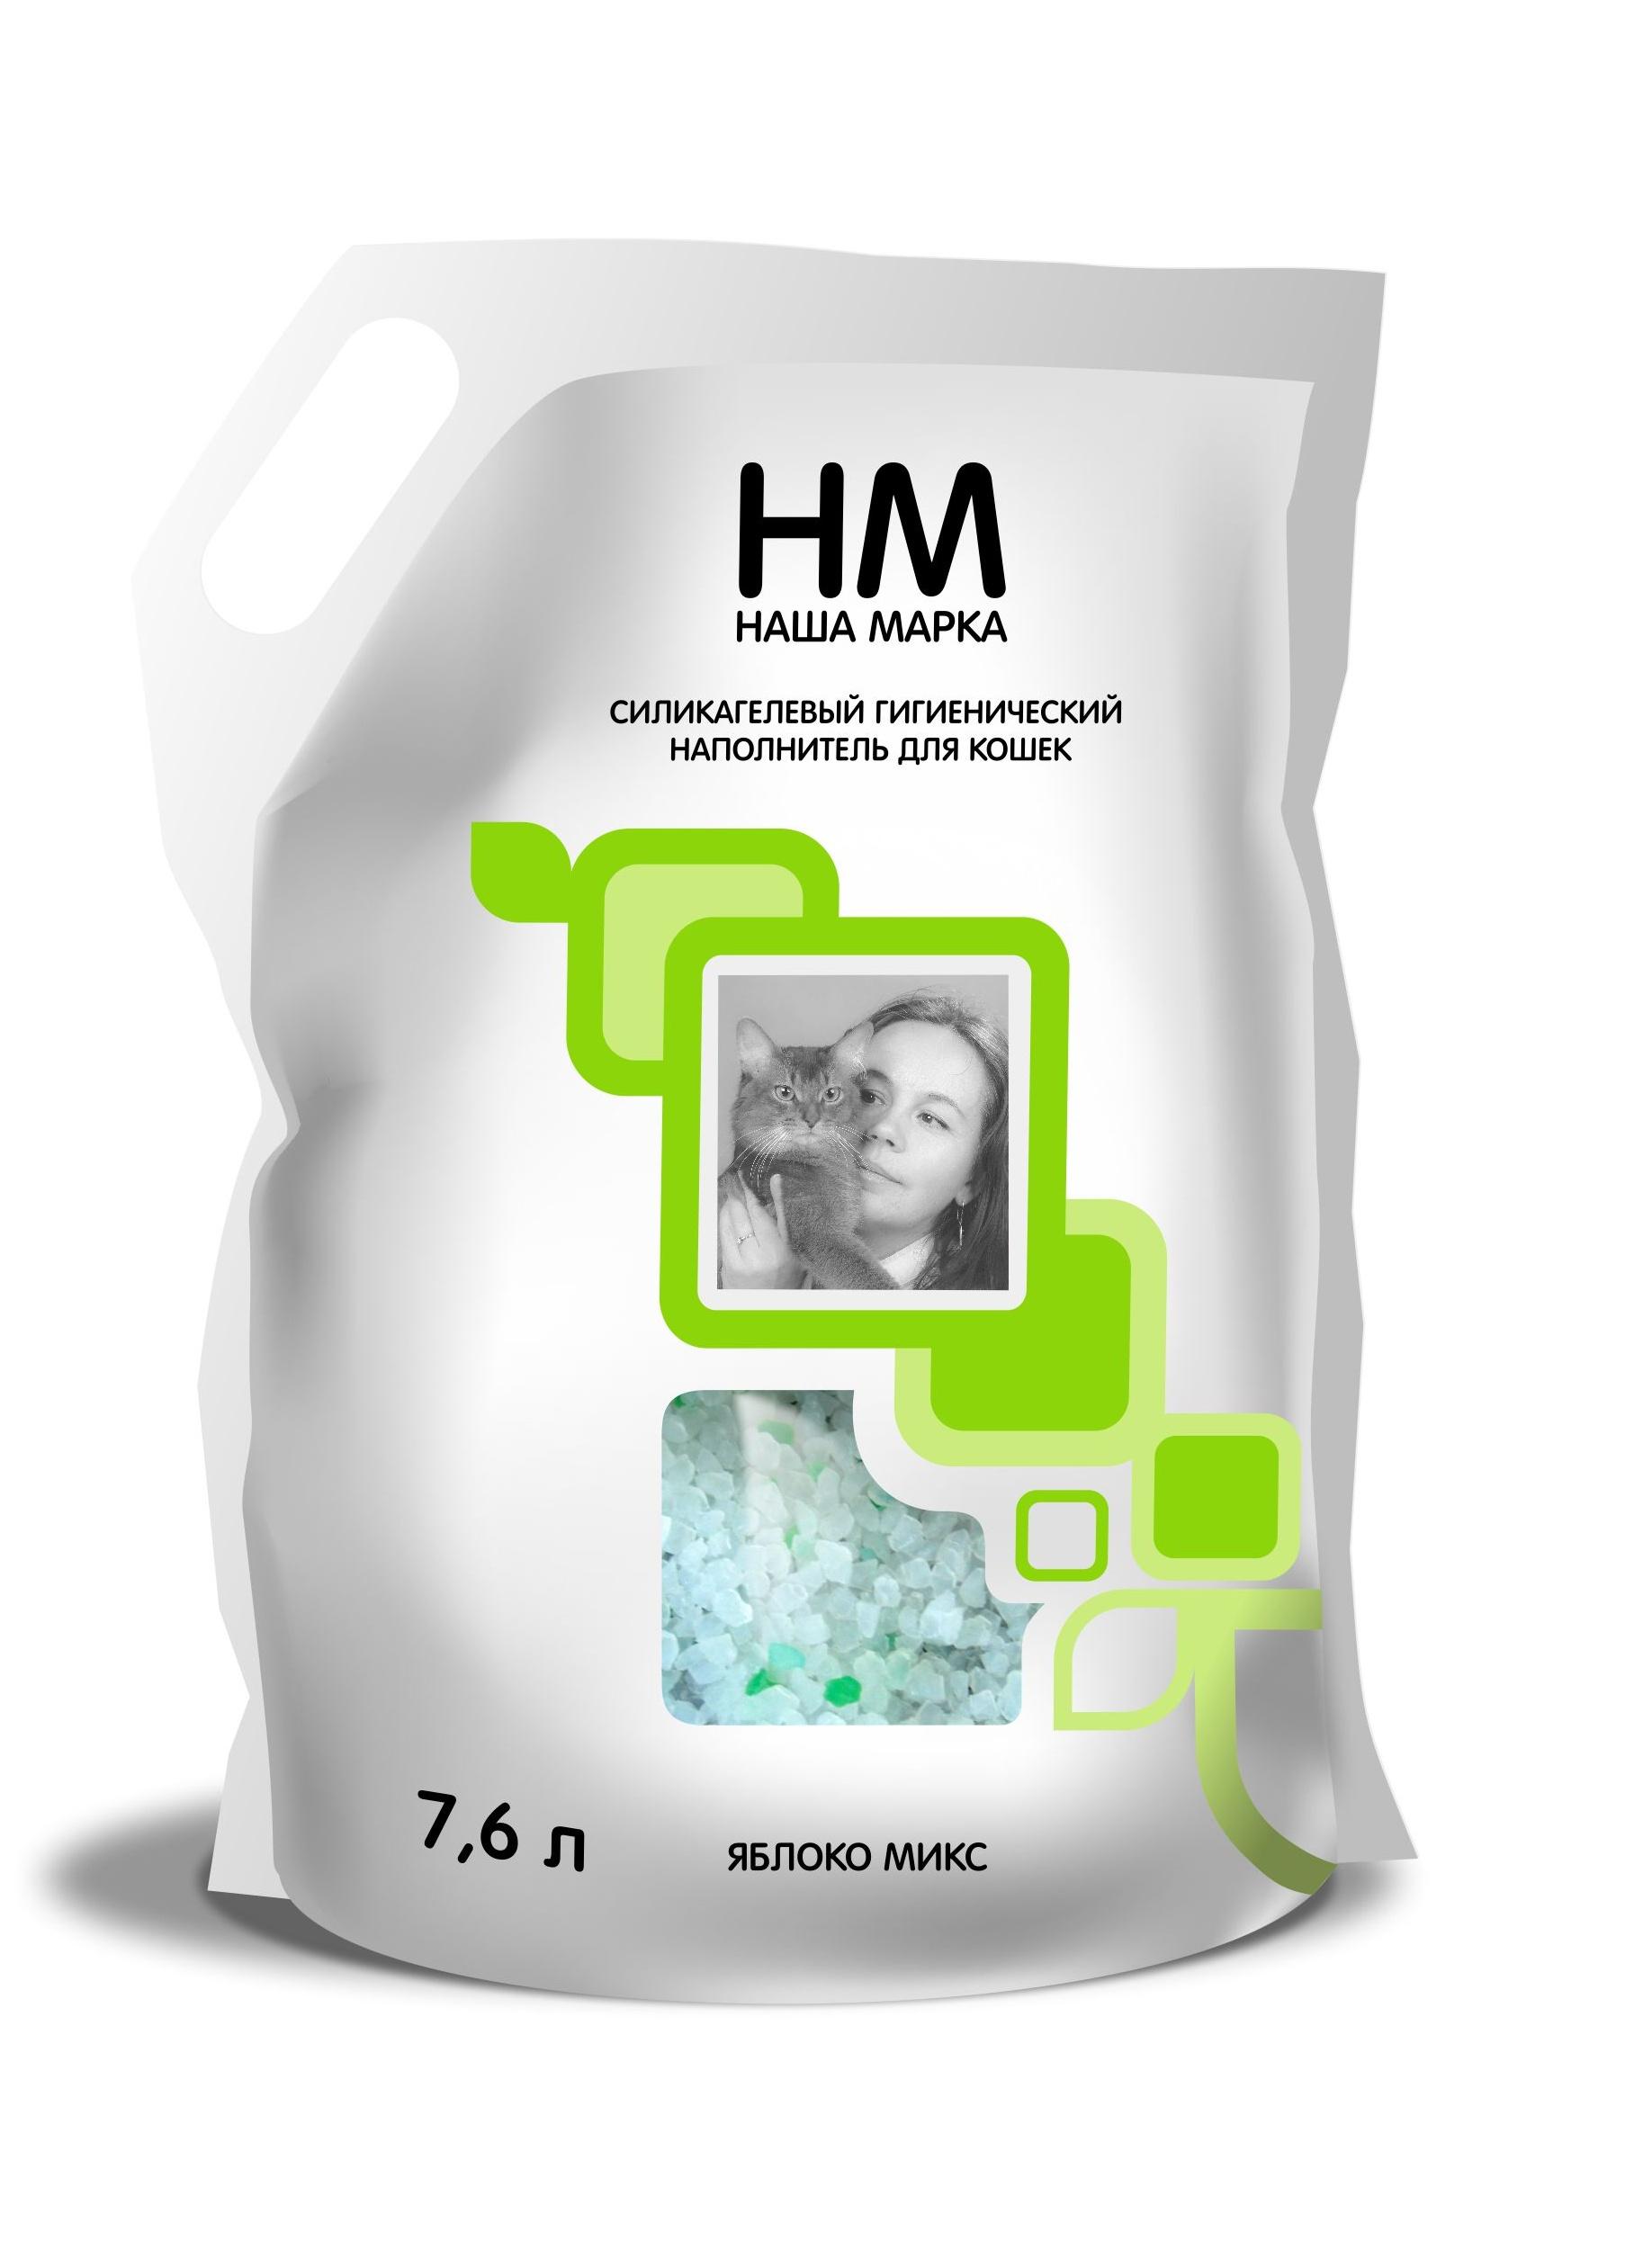 Наполнитель НМ силикагелевый для кошек 10л яблоко микс Kormberi.ru магазин товаров для ваших животных